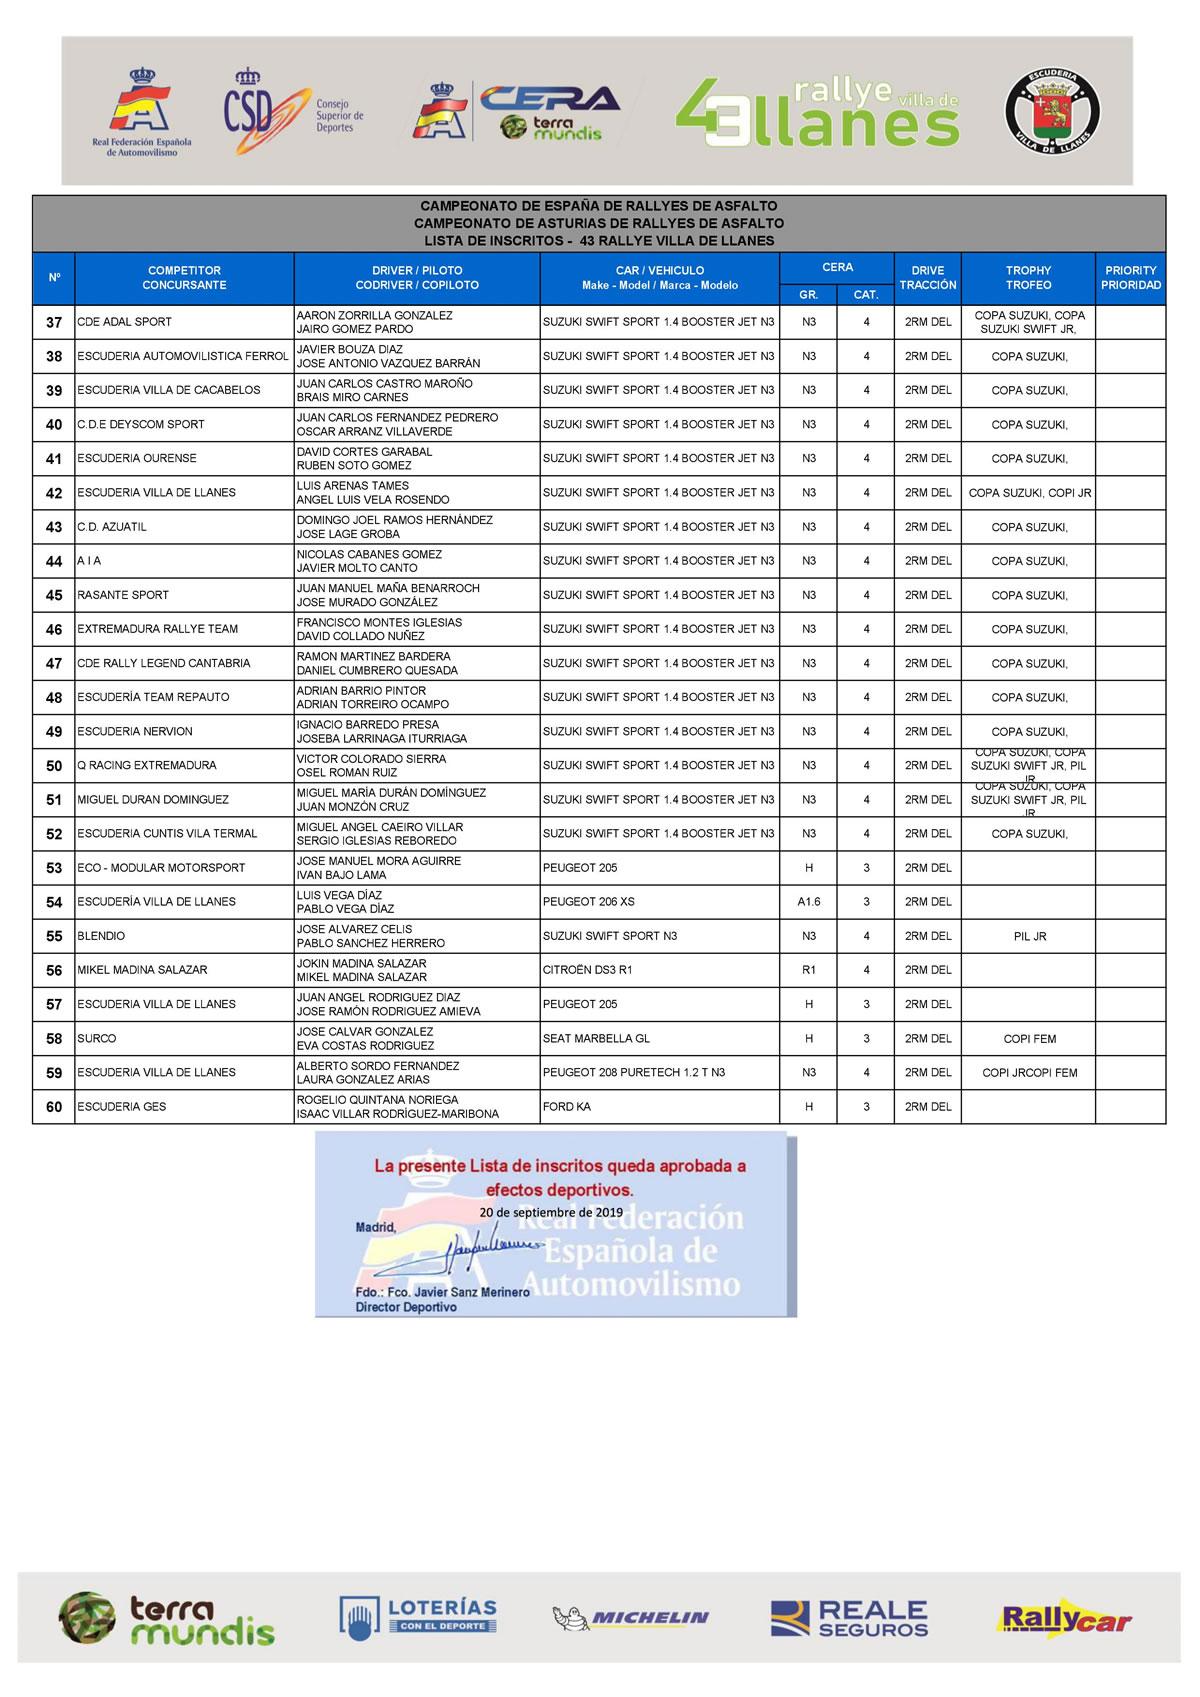 CERA: 48º Rallye Villa de Llanes - Memorial Jesús Manuel Peña Ibáñez [26-29 Septiembre] Lista_Inscritos_CERA2019_2